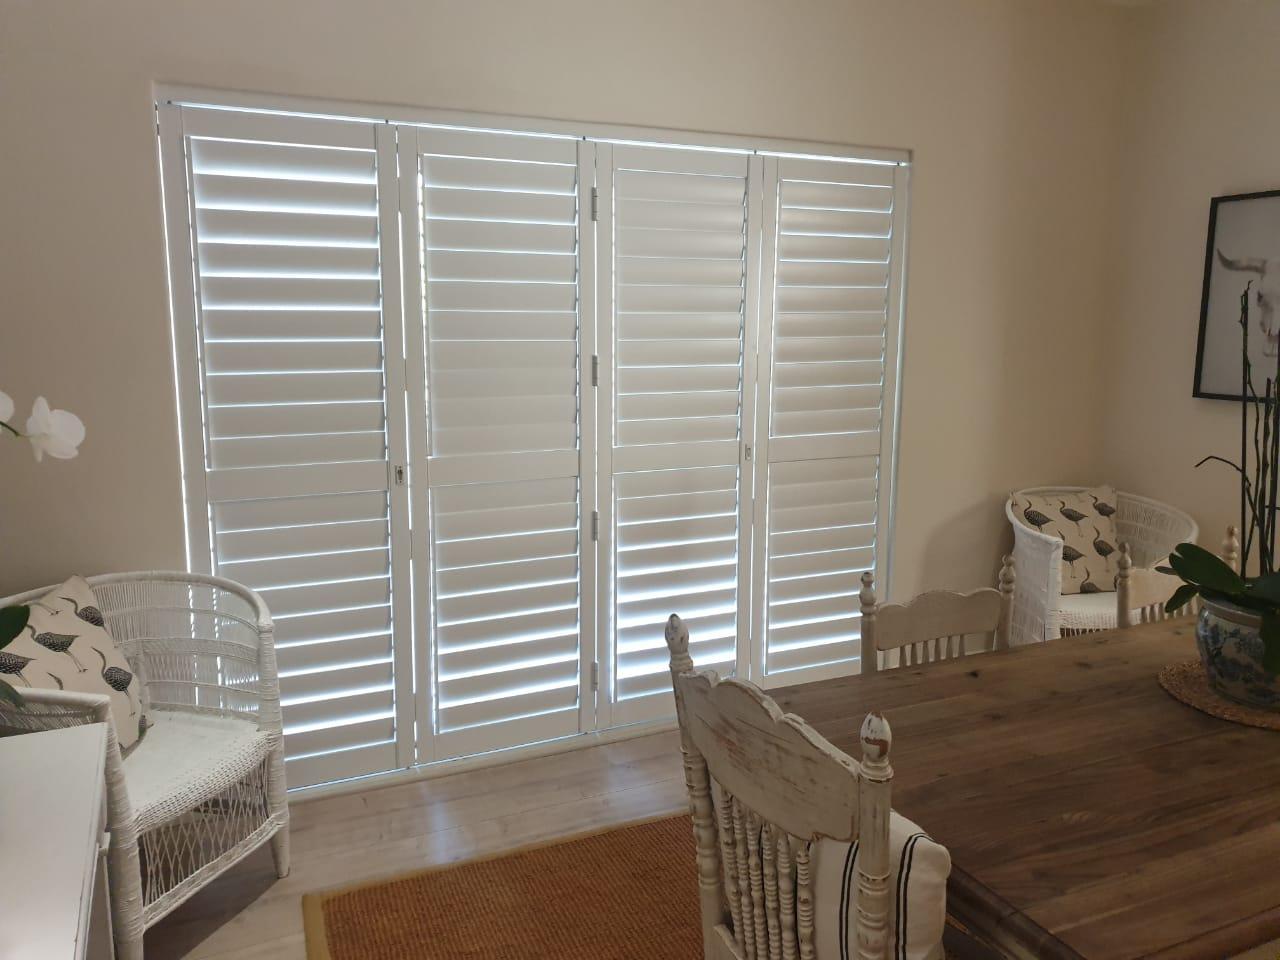 shutters - window shutters door shutters cape town - tlc blinds 2